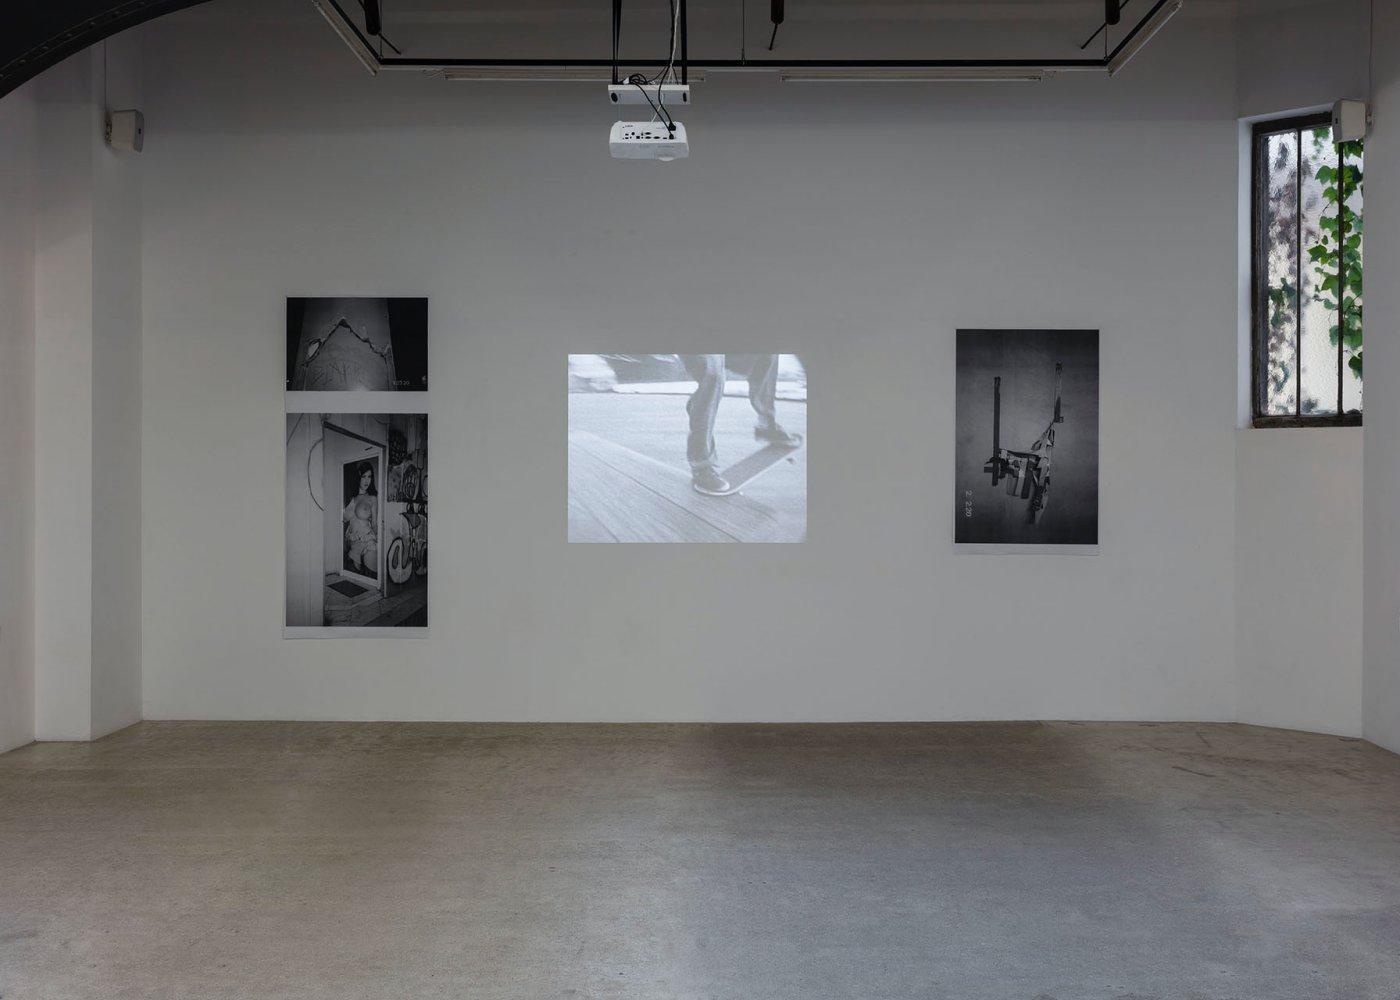 Galerie Frank Elbaz Ari Marcopoulos 2